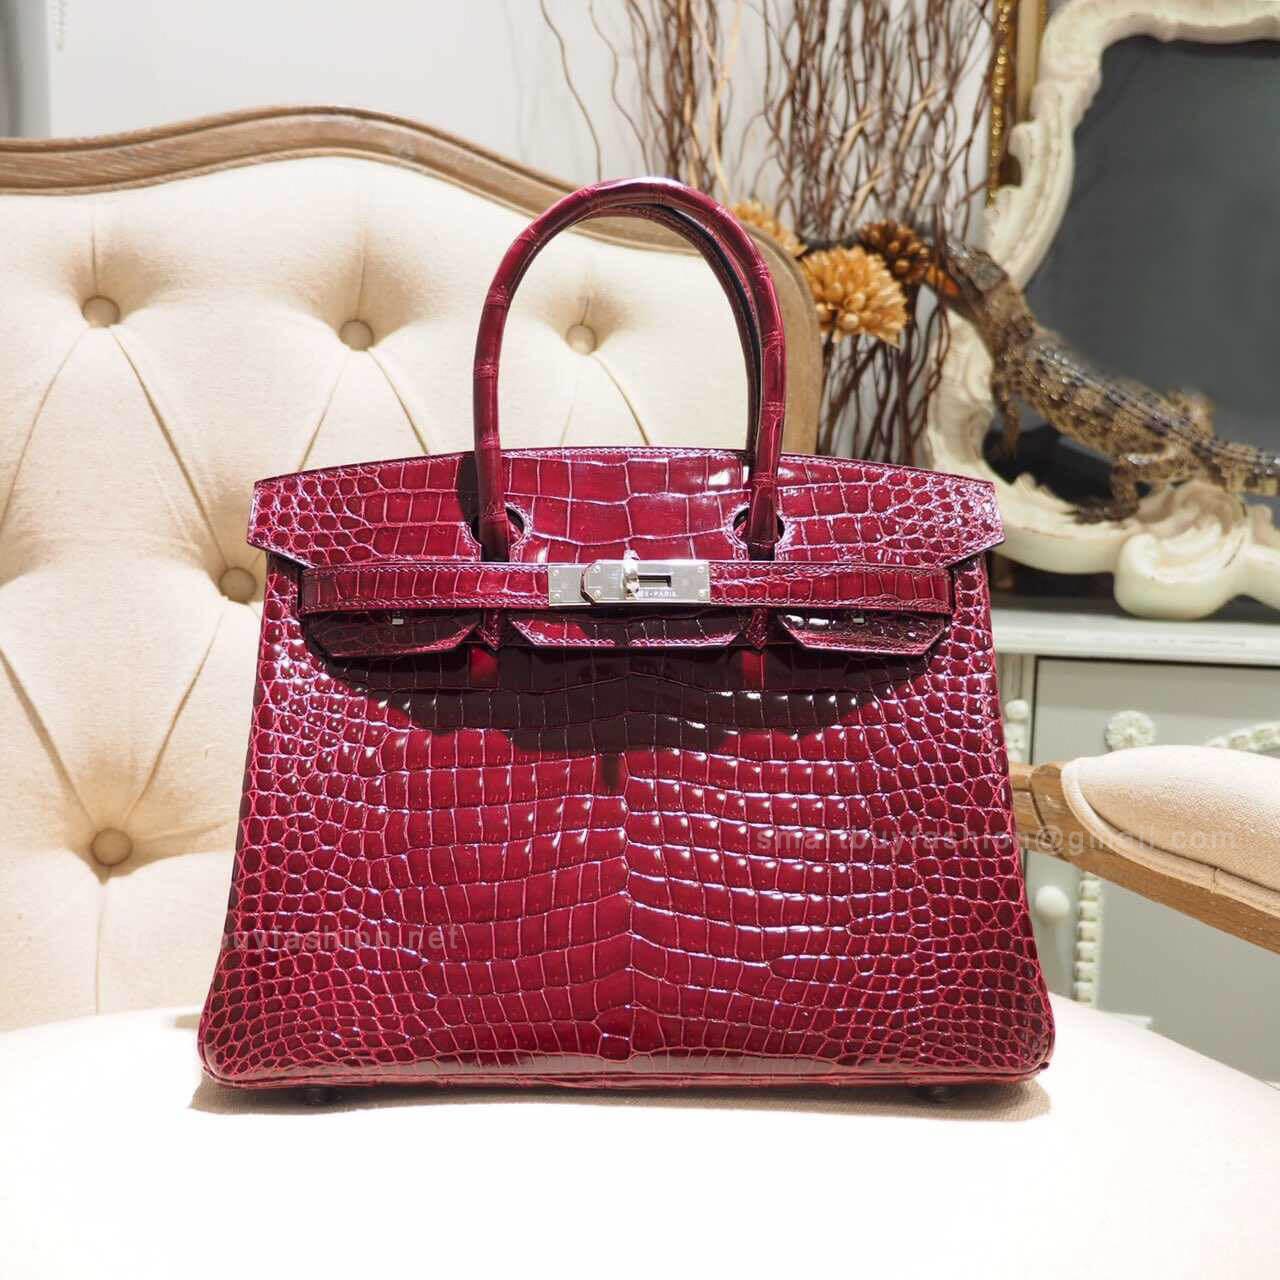 27334de66318 Hermes Birkin 30 Bag in Bourgogne Shiny Porosus Croc PHW